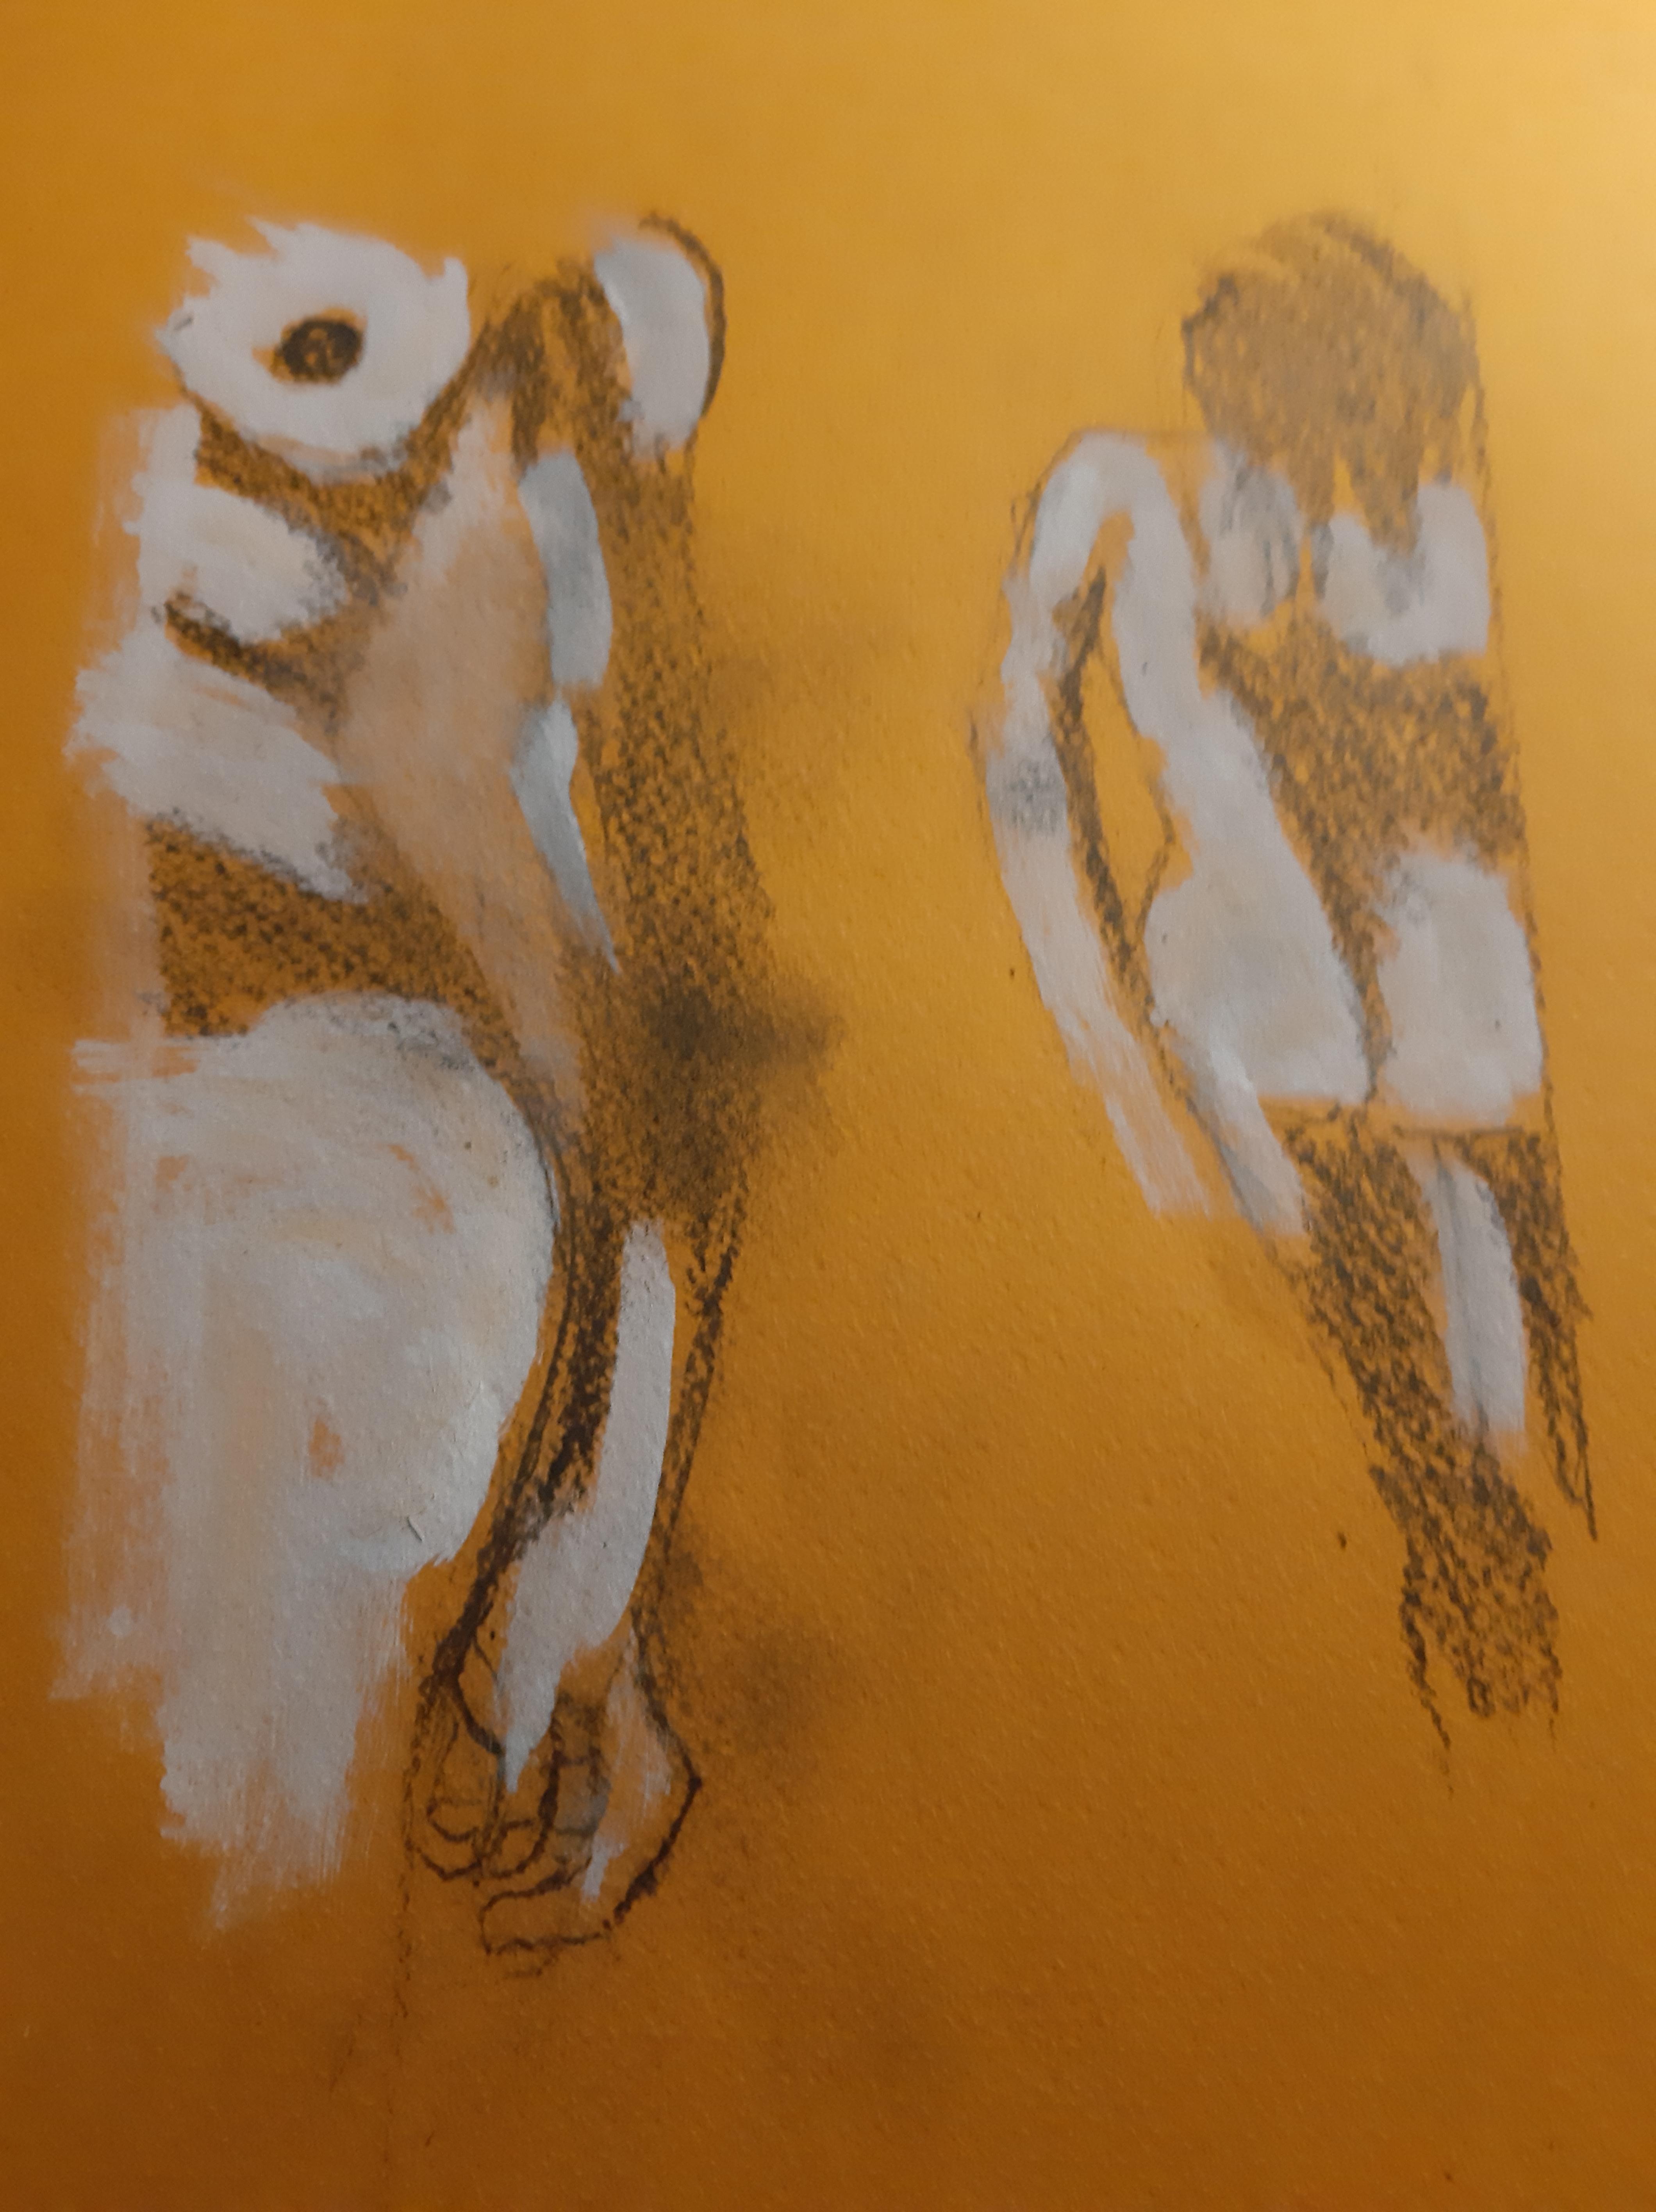 Ébauche technique mixte sur papier Canson couleurs fusain encre de Chine blanche estompe graphite  cours de dessin